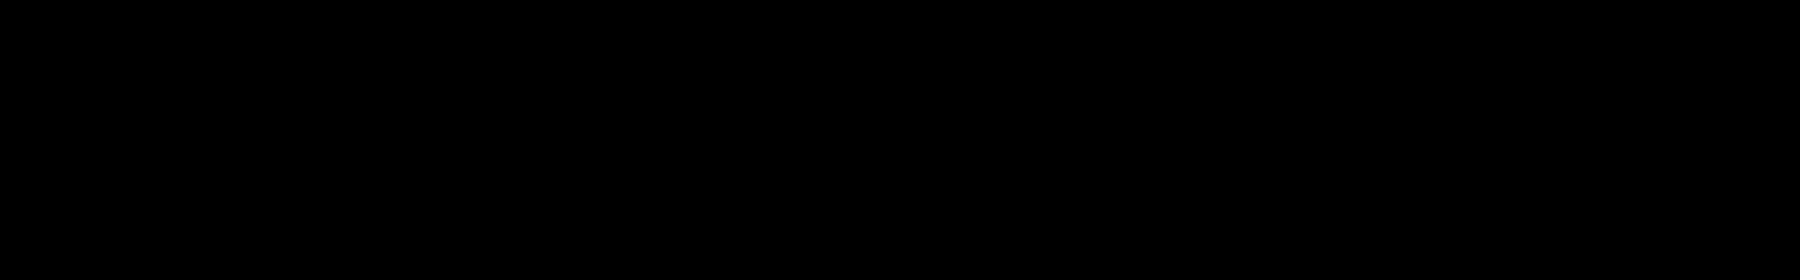 Dark Mass audio waveform